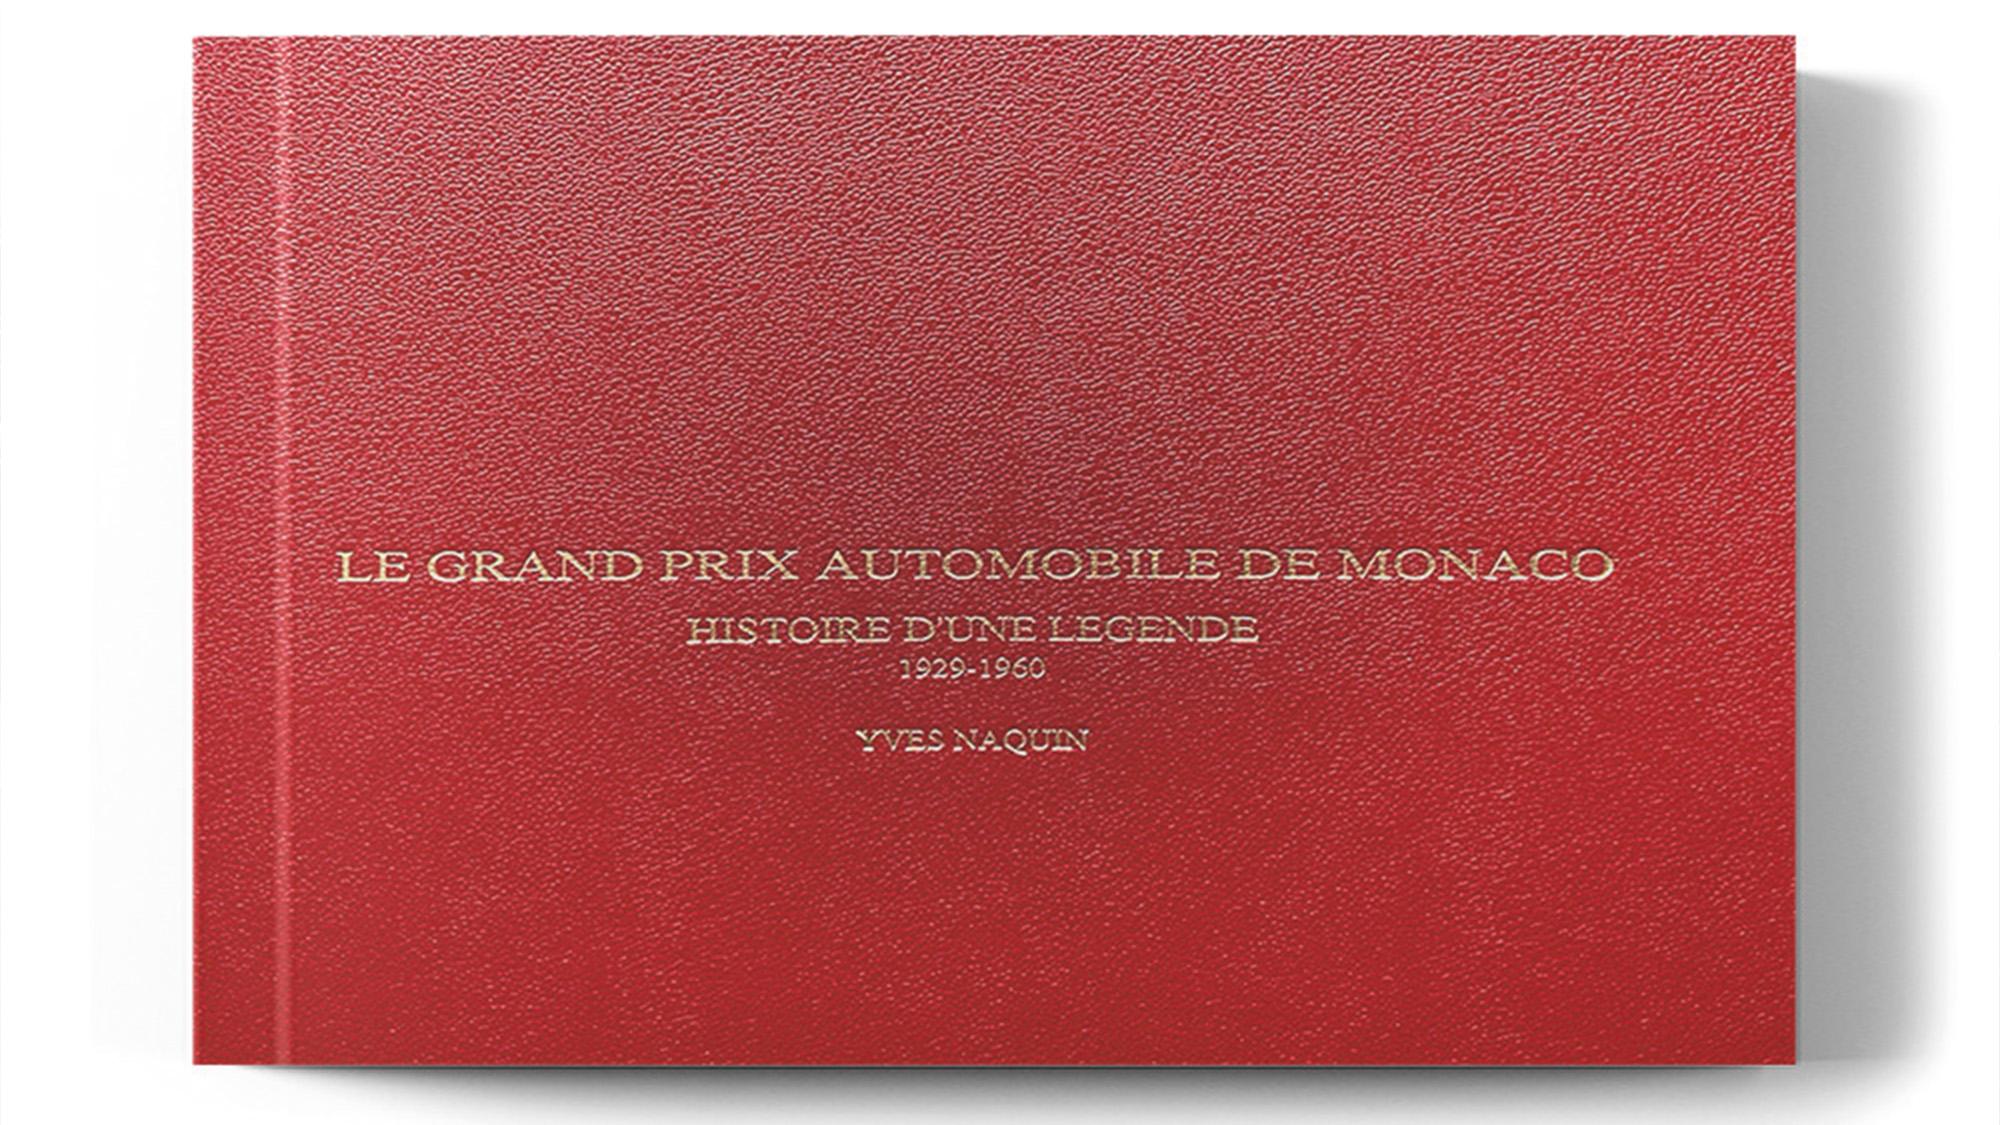 History of the Monaco Grand Prix book